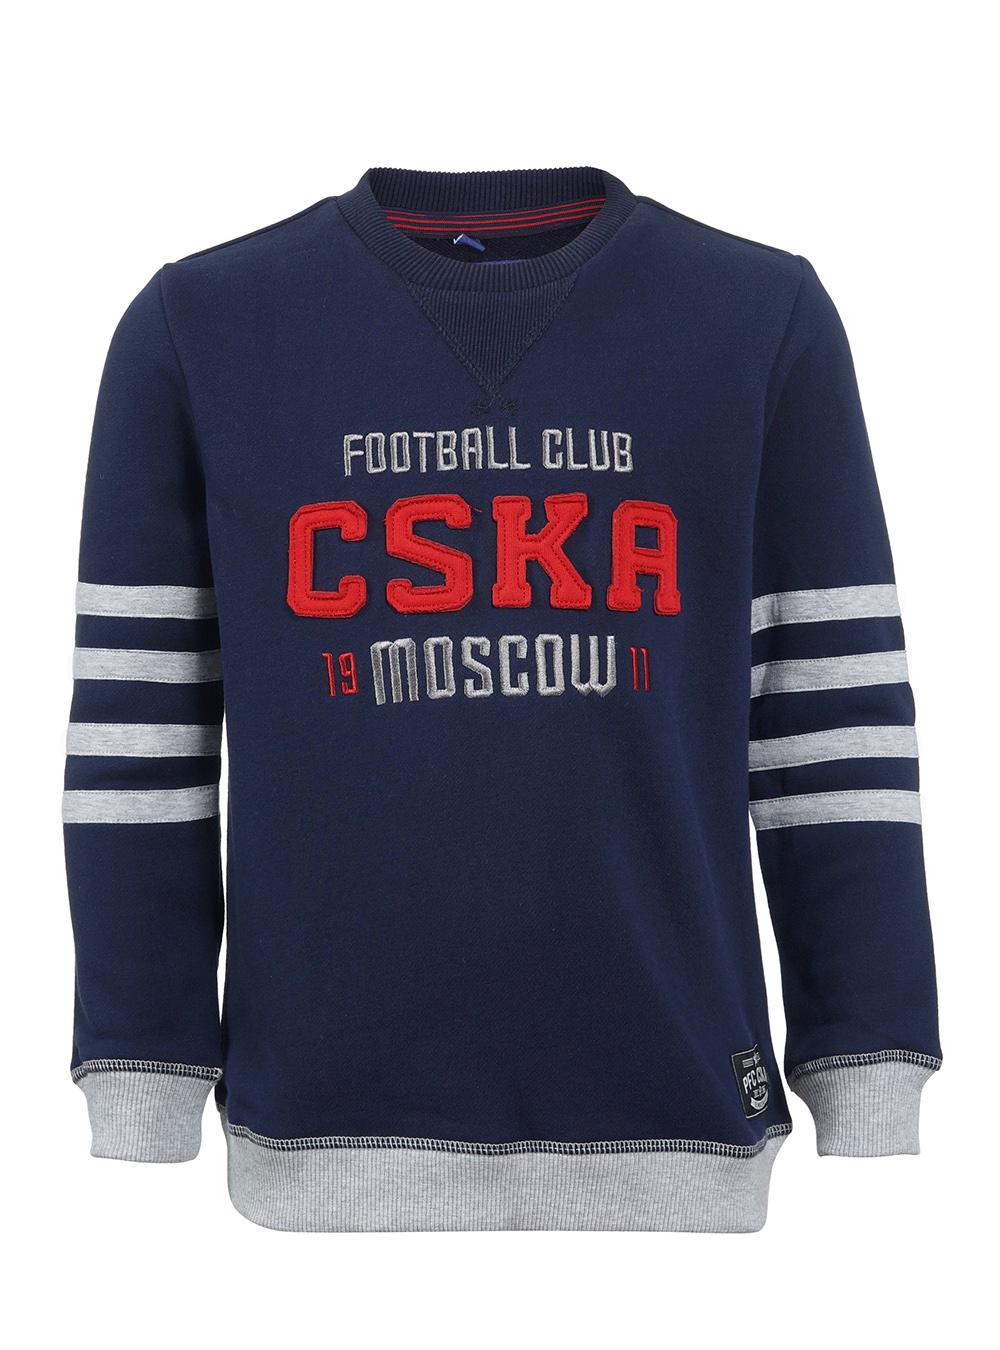 Купить Свитшот детский «CSKA Moscow» (146) по Нижнему Новгороду